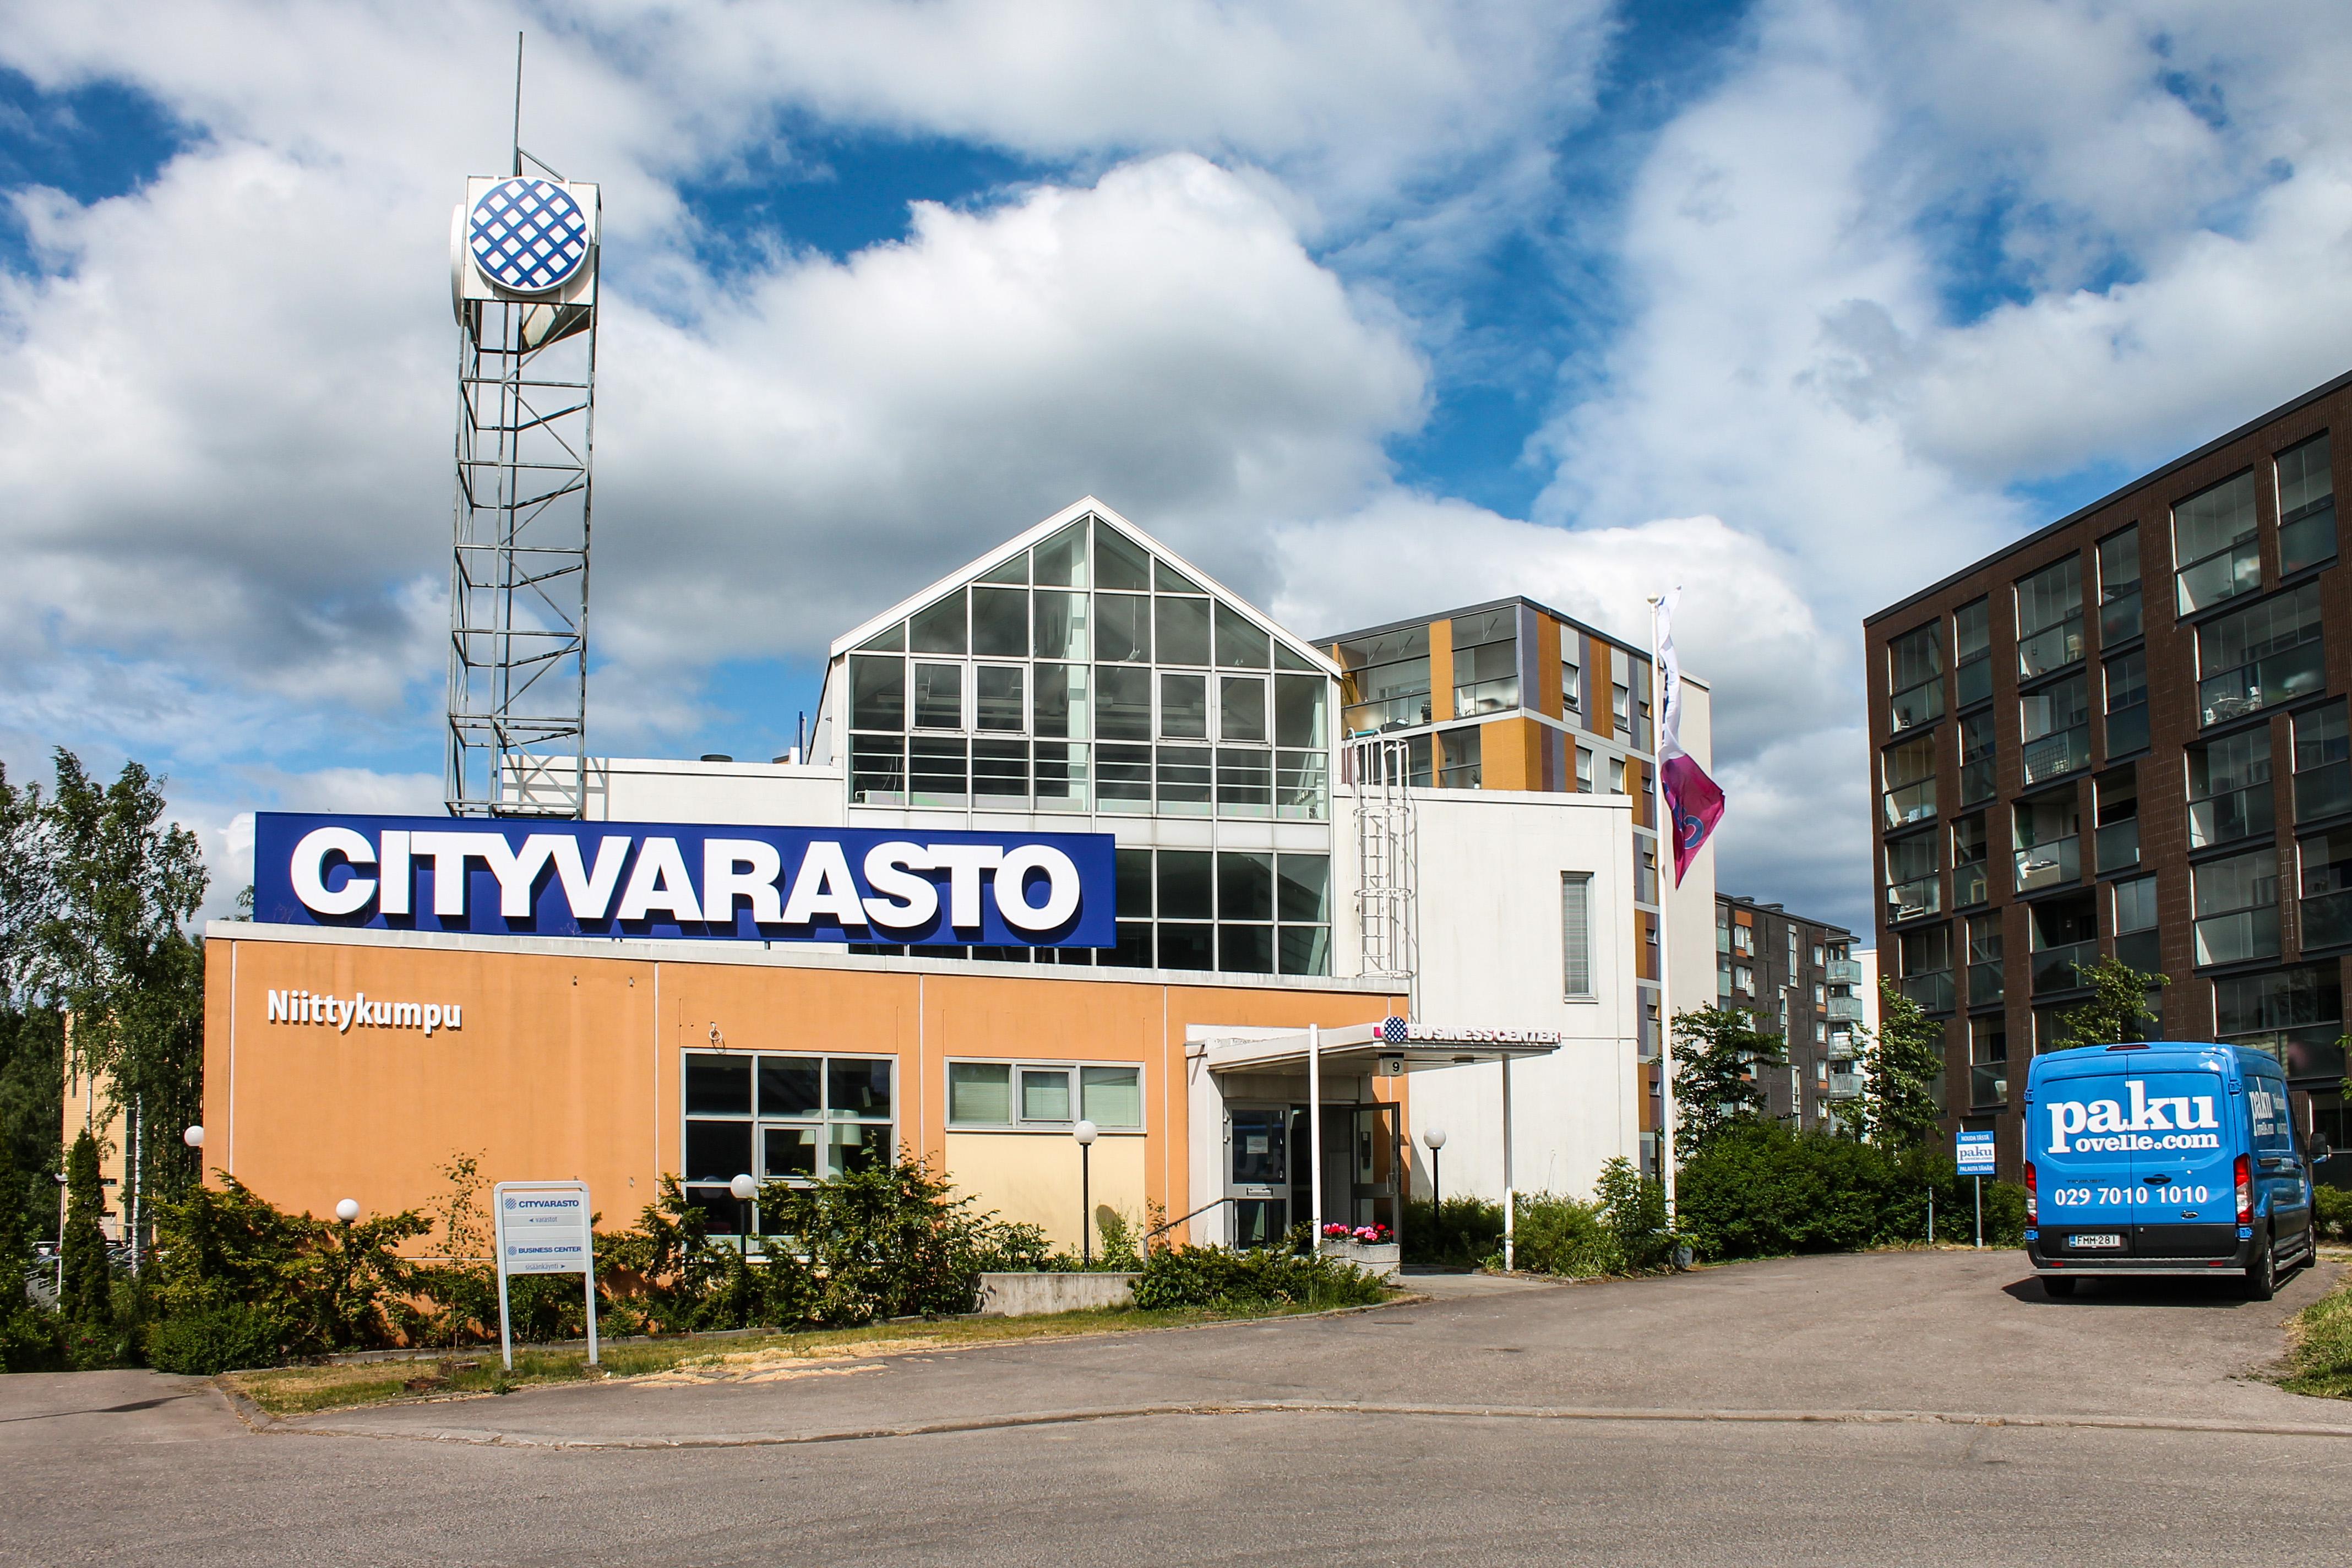 Taivalmäki 9, Niittykumpu, Espoo